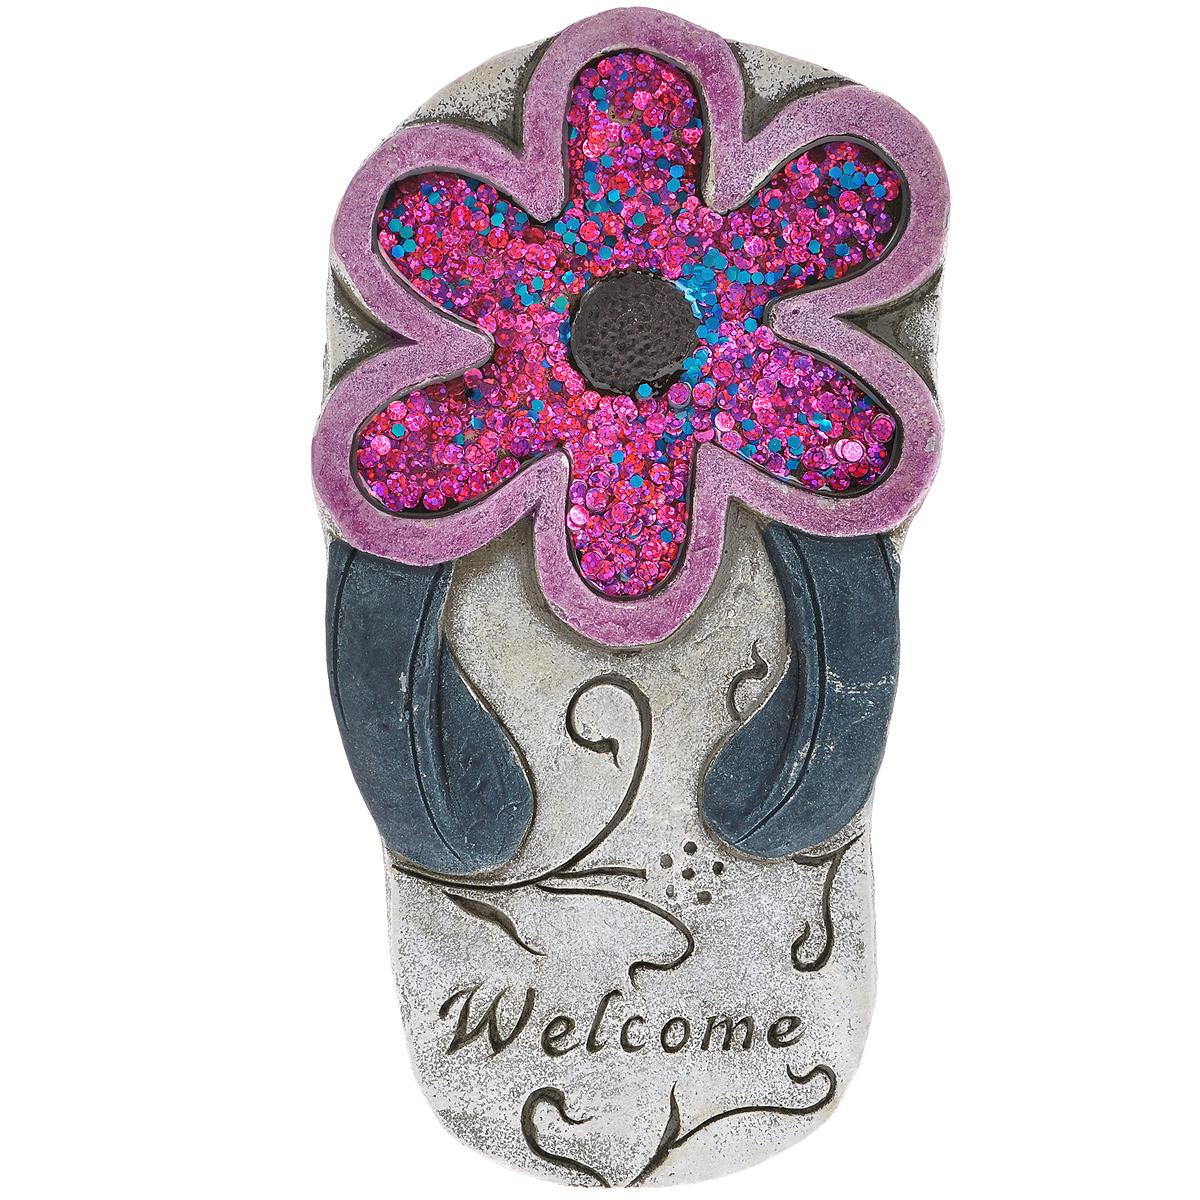 Декоративная фигурка Розовый цветок, 13 см х 25 см х 2 см28339Декоративная фигурка-28339 (цемент)26.2*14.8*2.2; арт. 28339; EAN 4606008205568